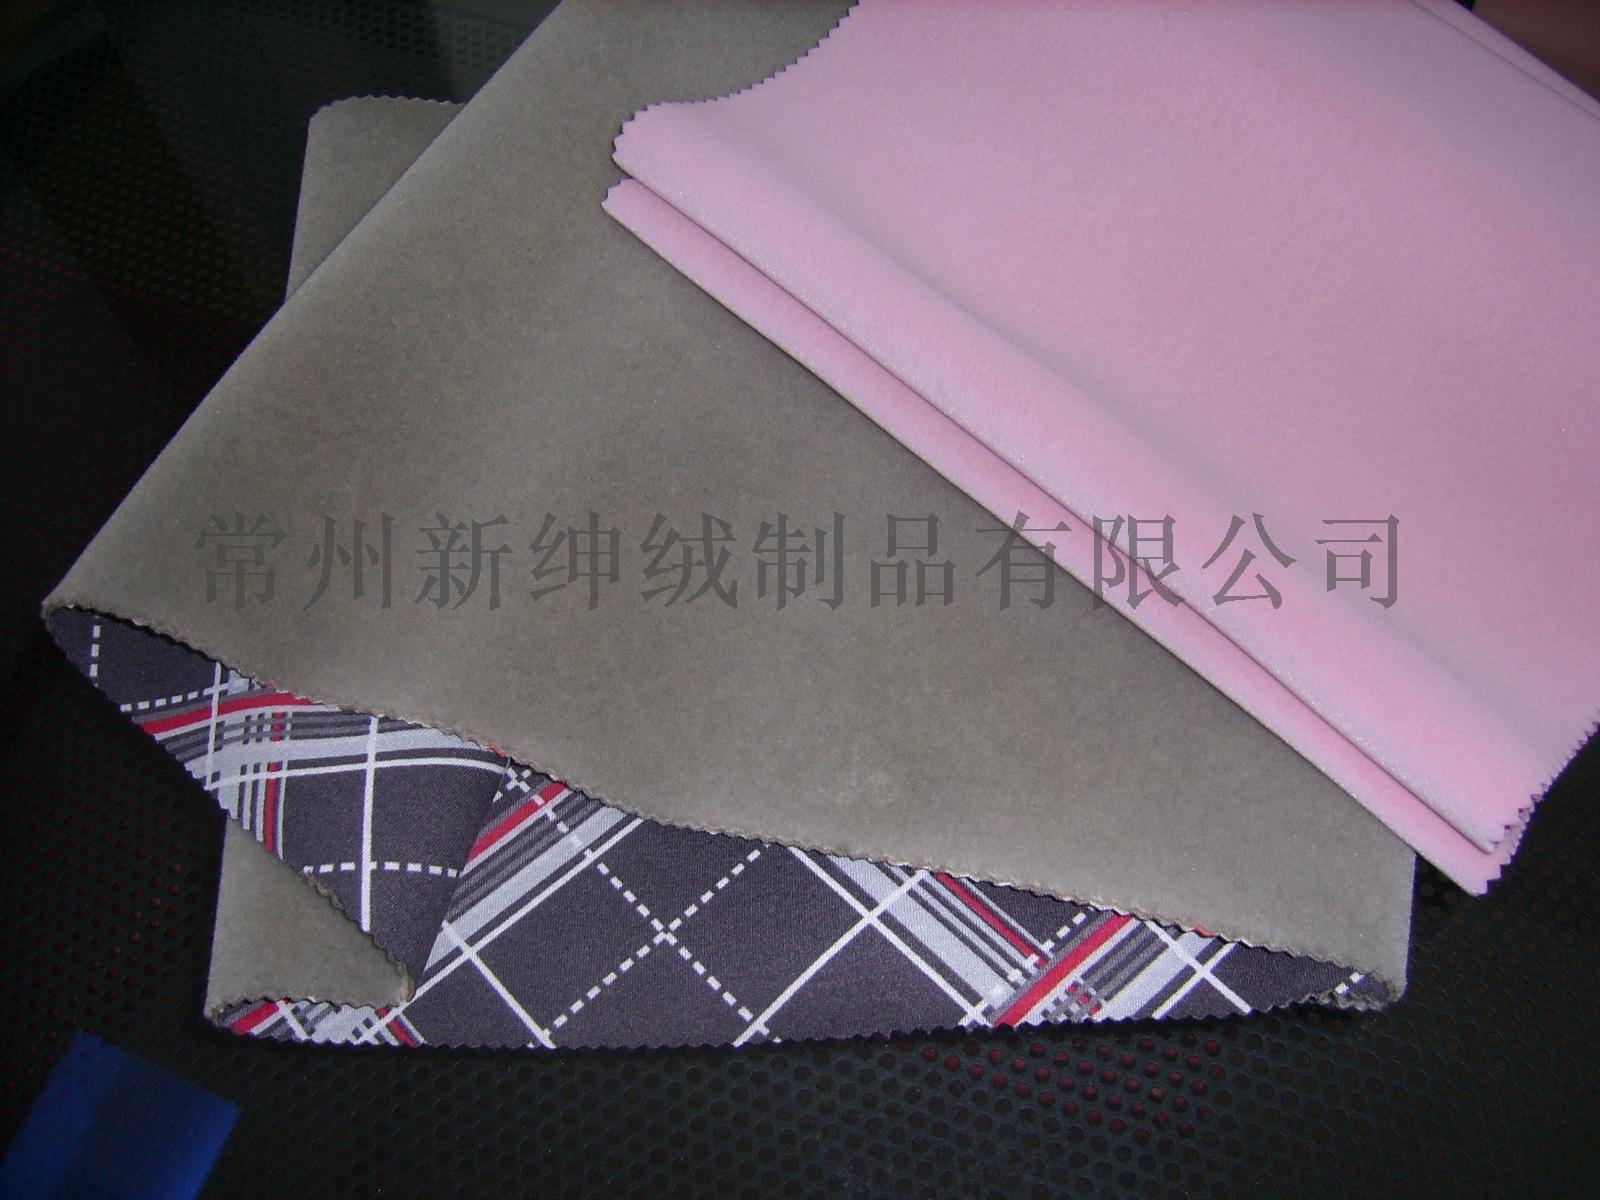 汗布/针织布海绵复合植绒面料卫衣148688095